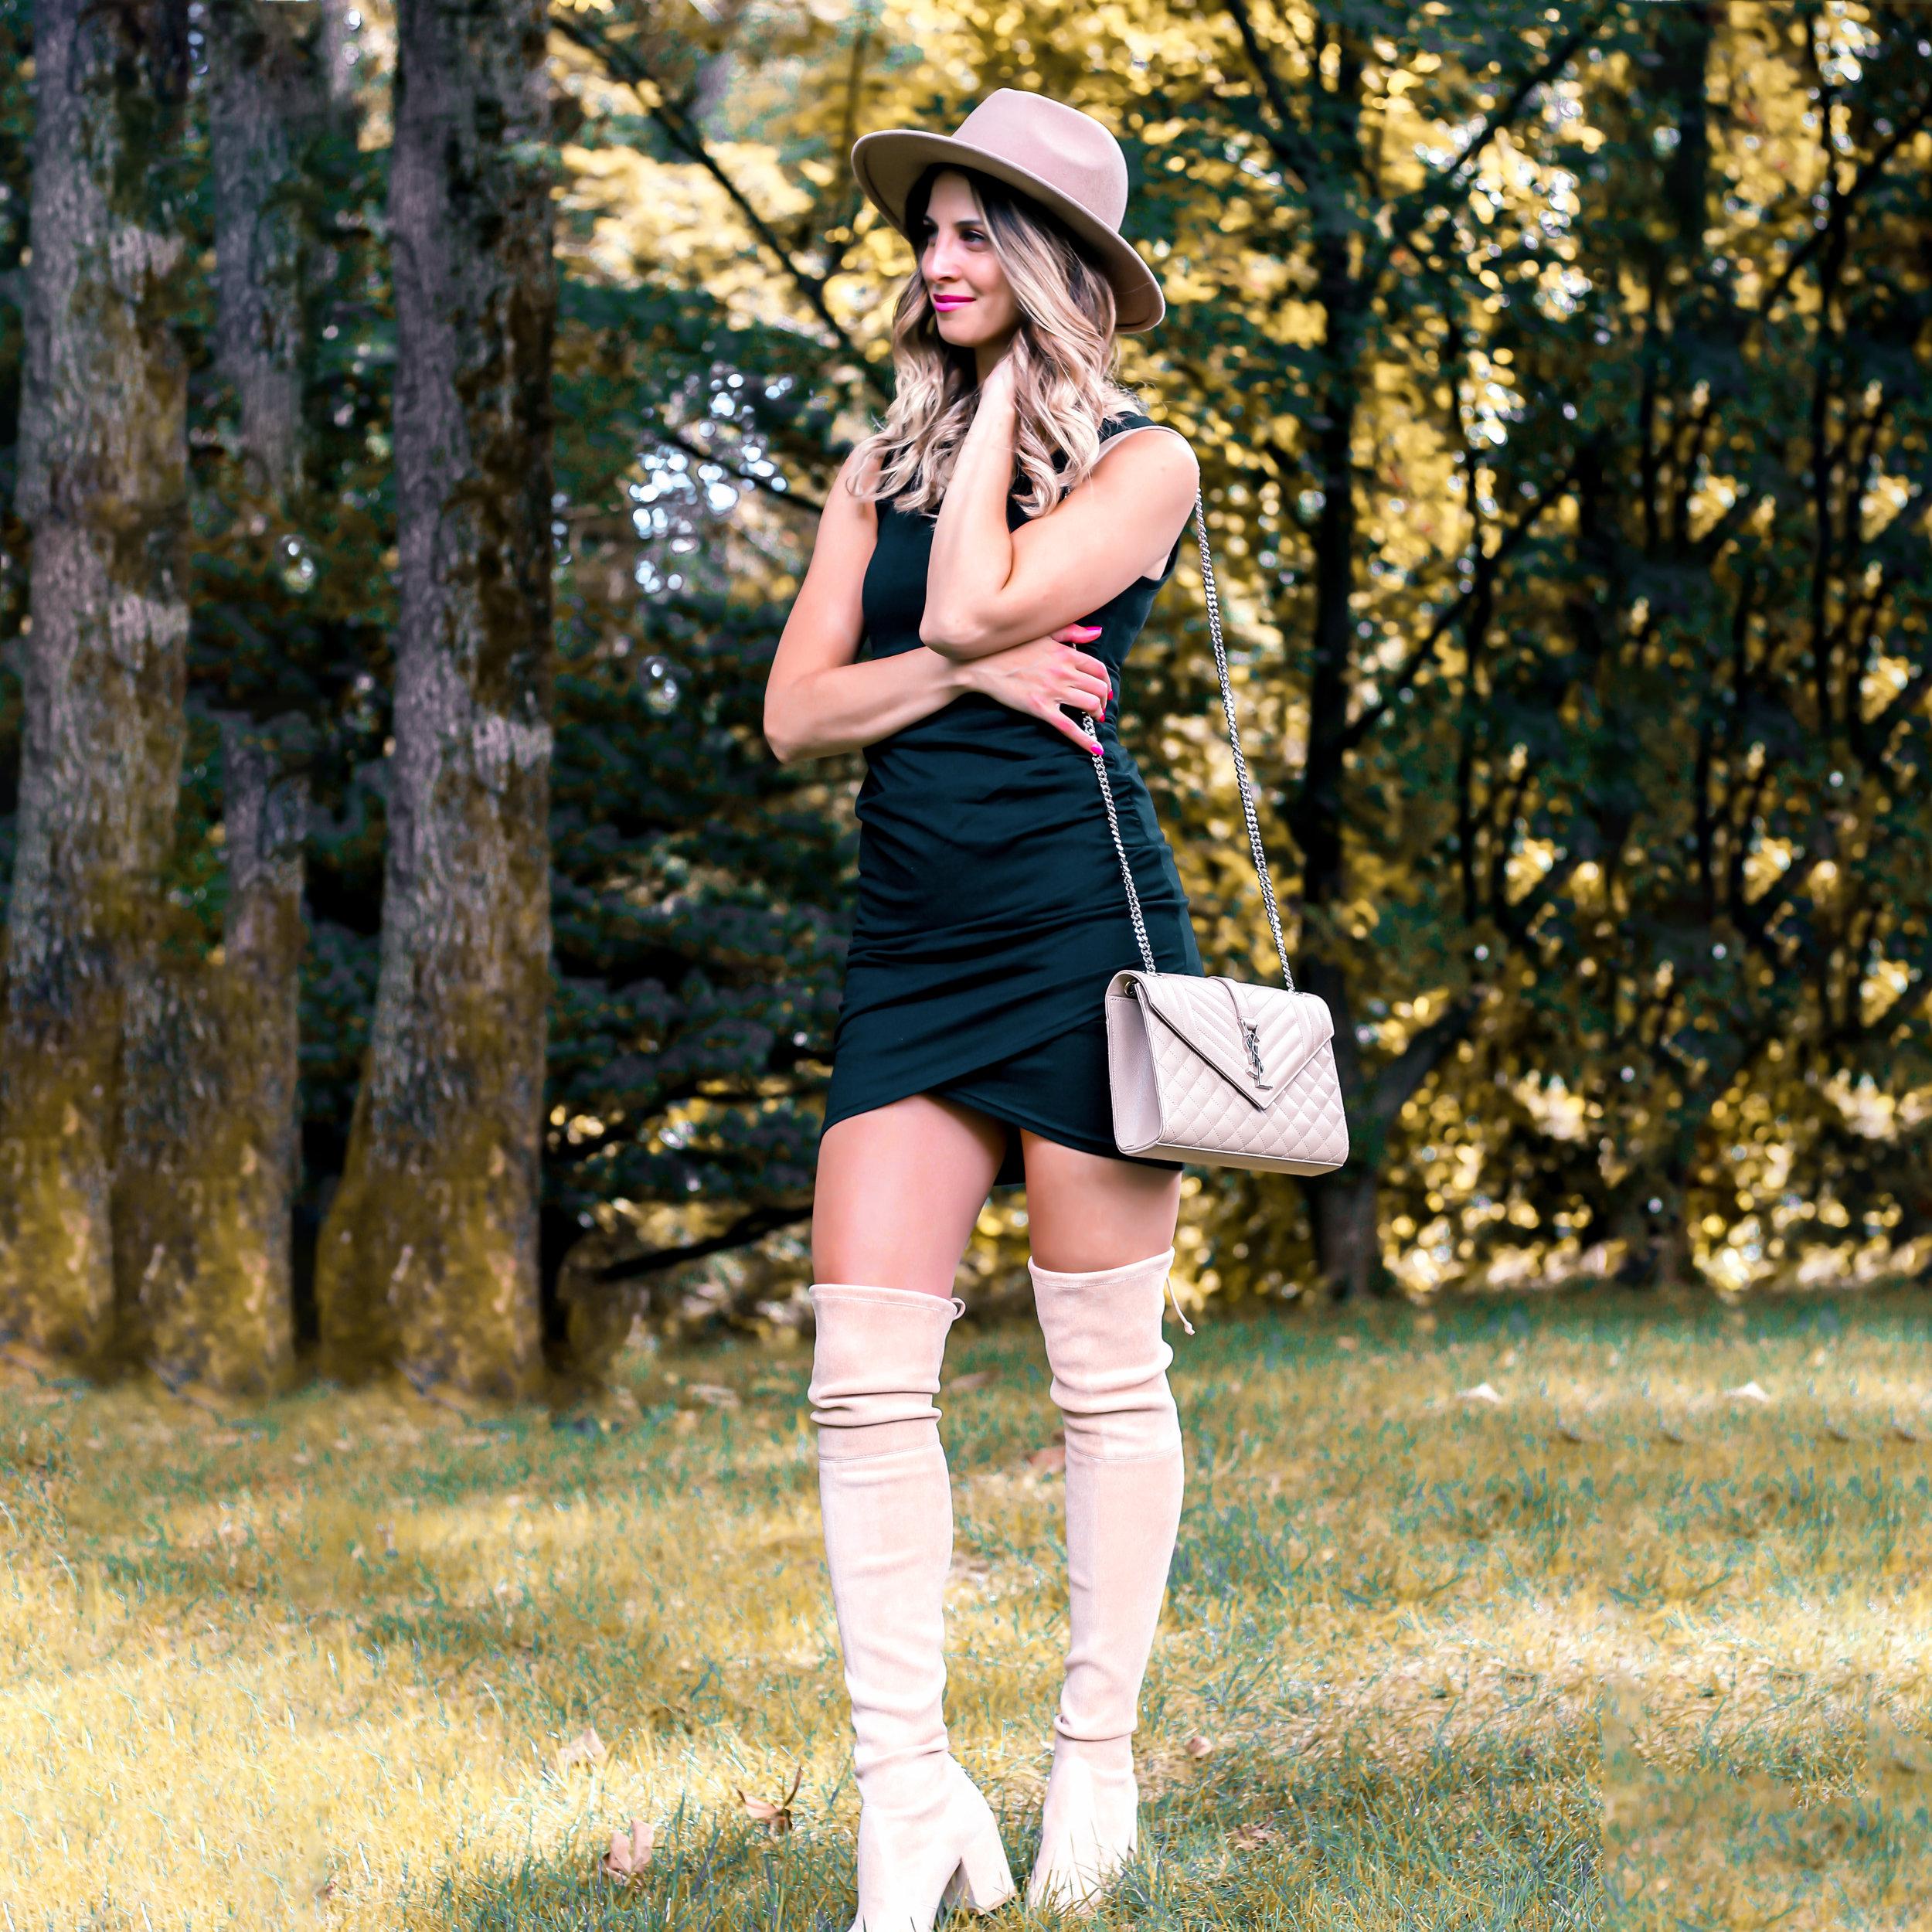 black dress + camel boots 4 - insta 2.jpg